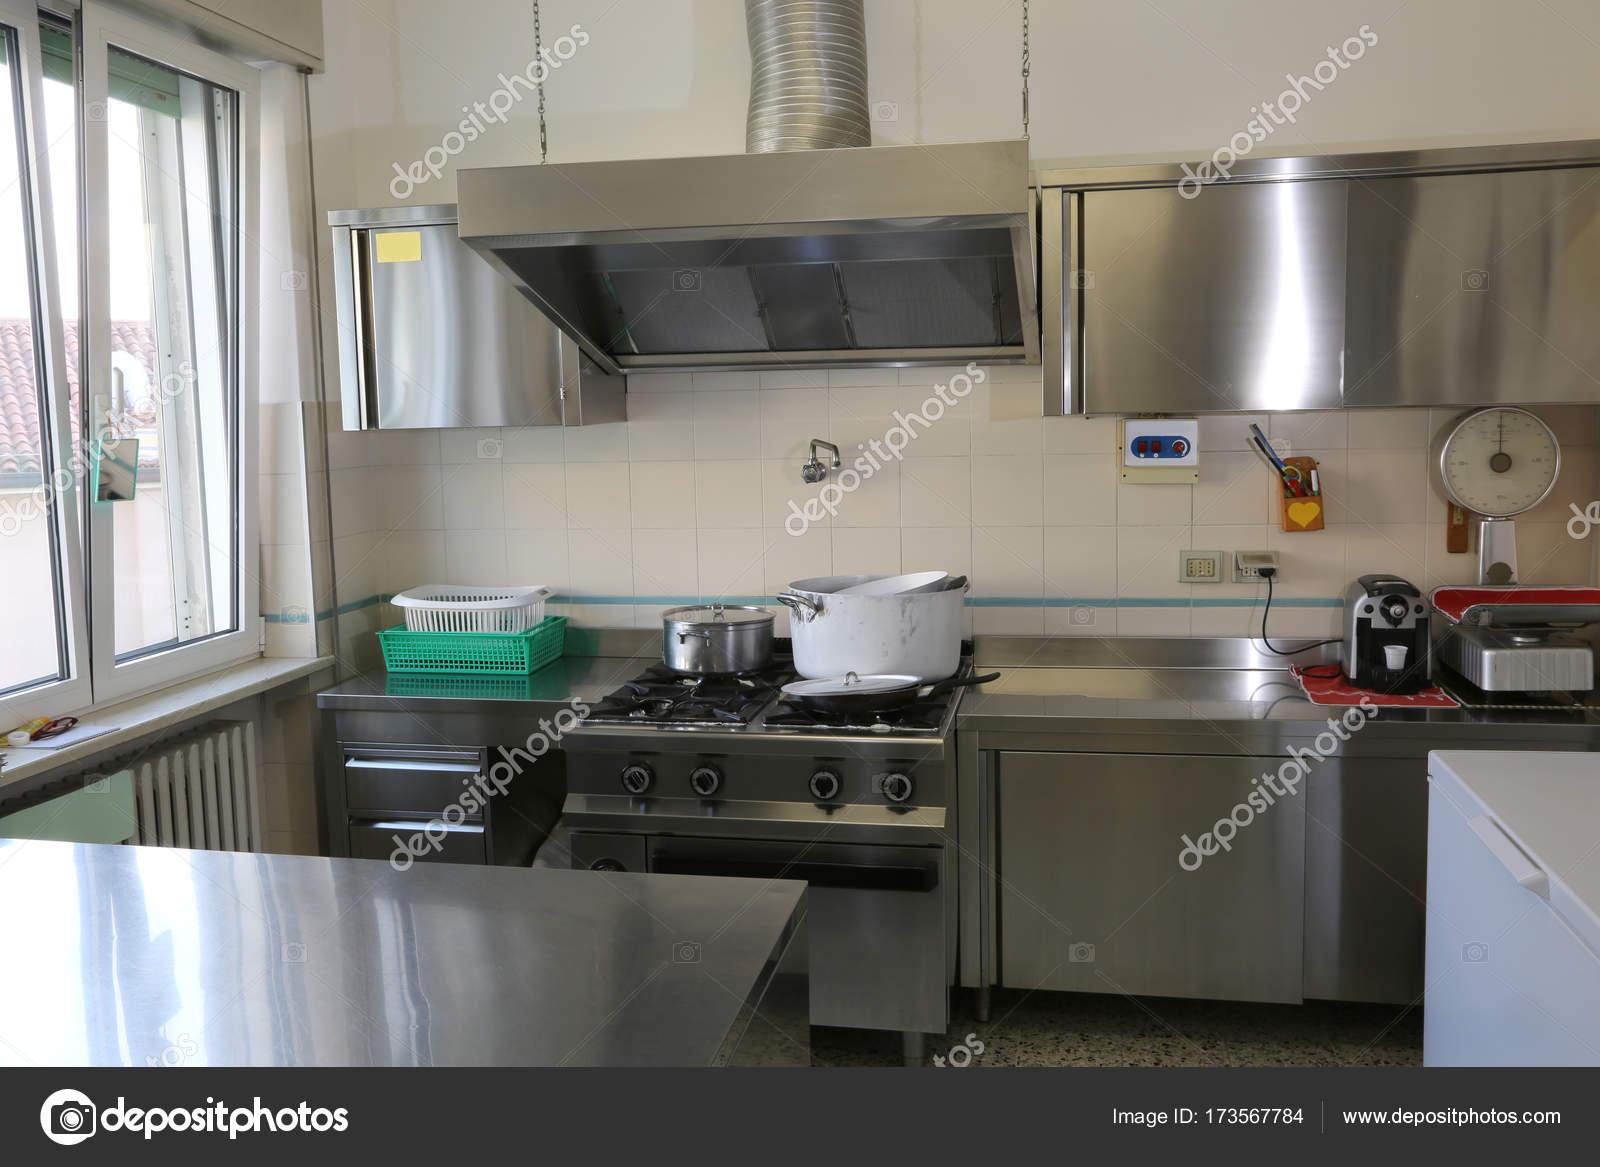 Cocina industrial con muebles de acero de la mancha — Fotos de Stock ...